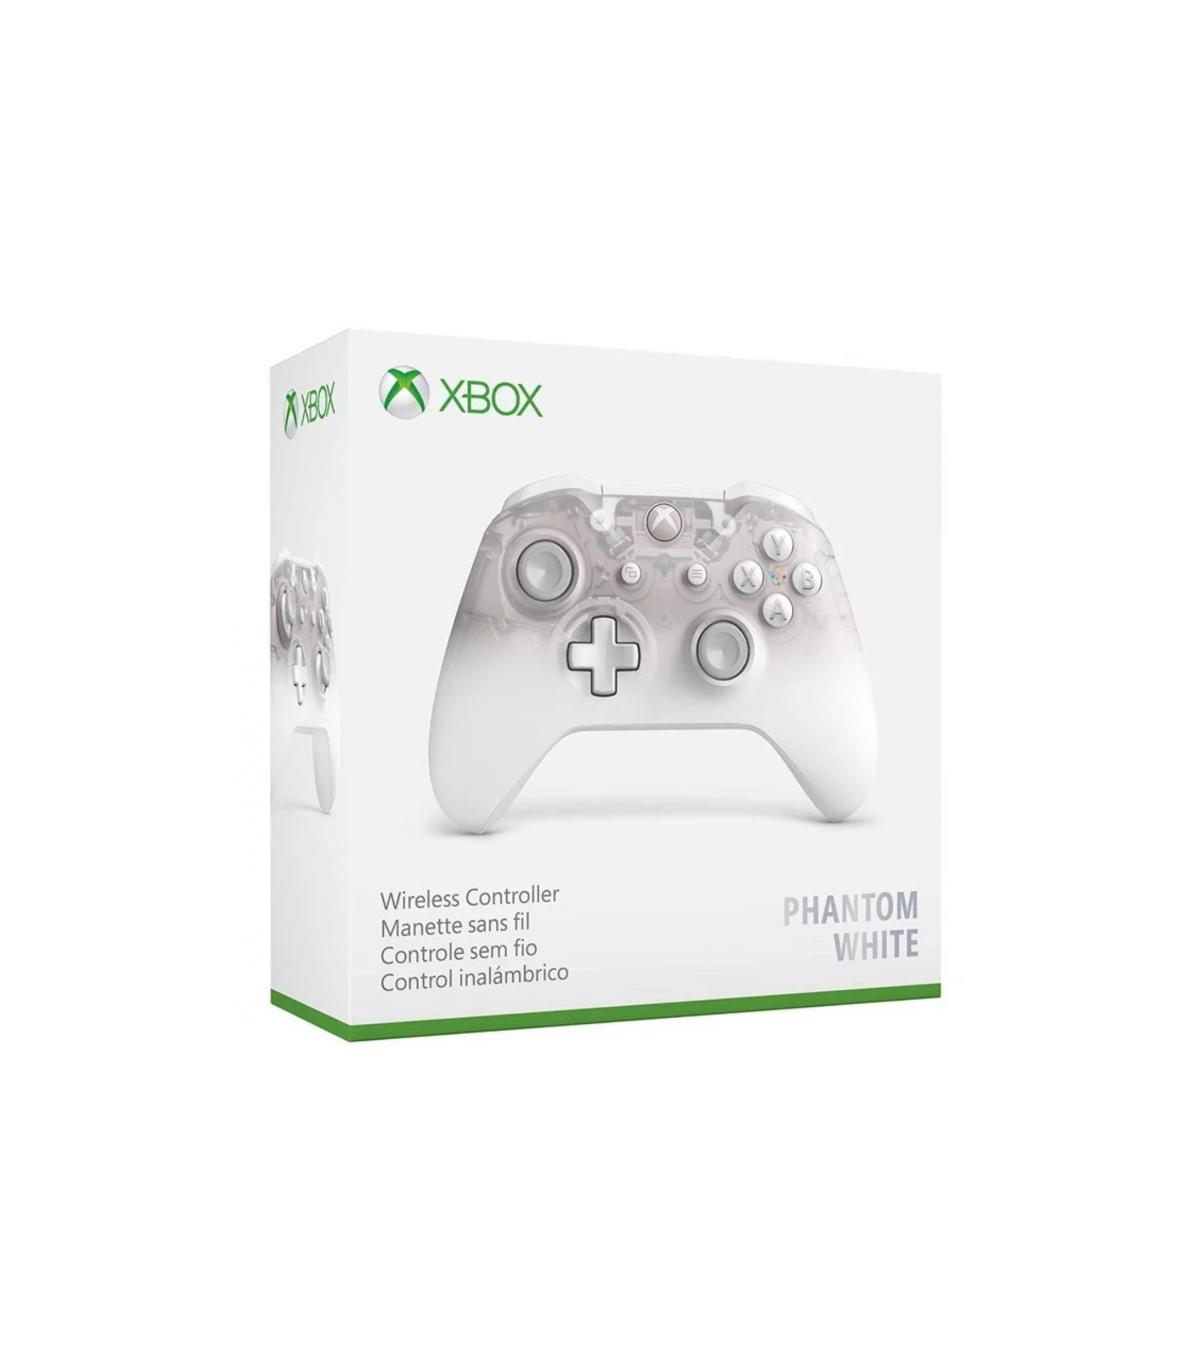 دسته بازی Xbox Wireless Controller – Phantom White Special